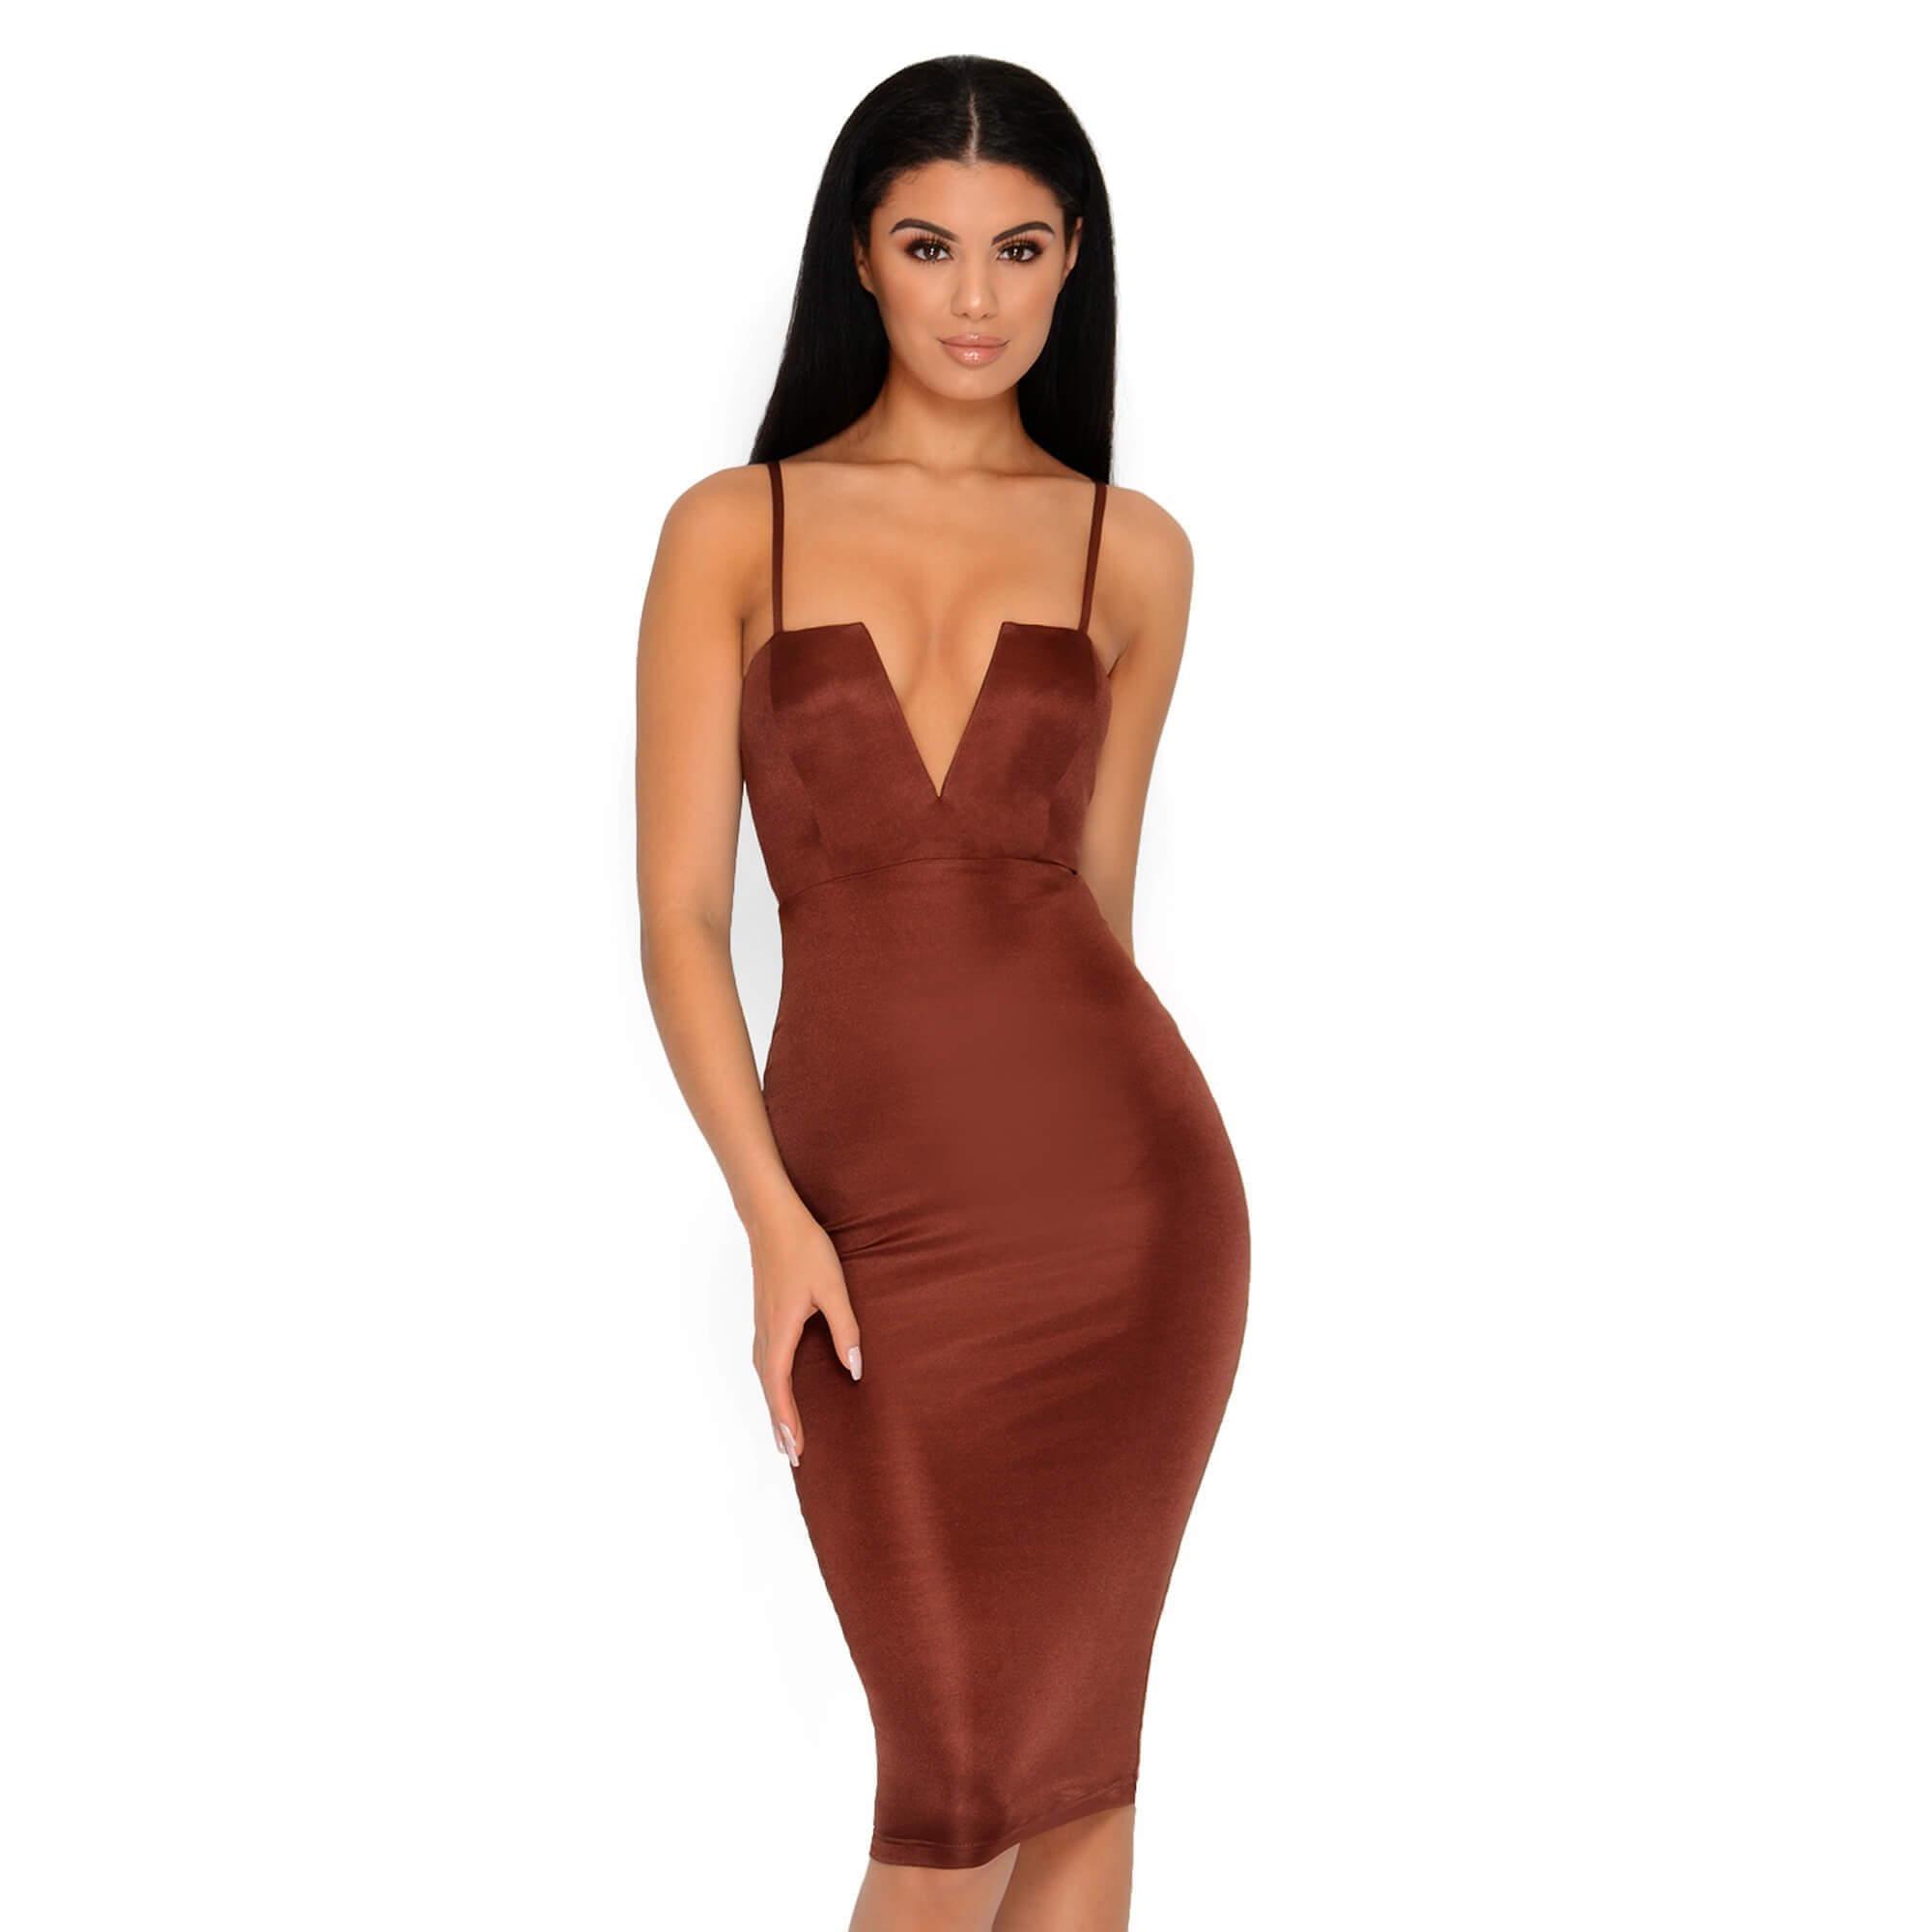 Bras for Plunging Neckline Dresses | Plunging Neckline Dress | V Neck Bandage Dress